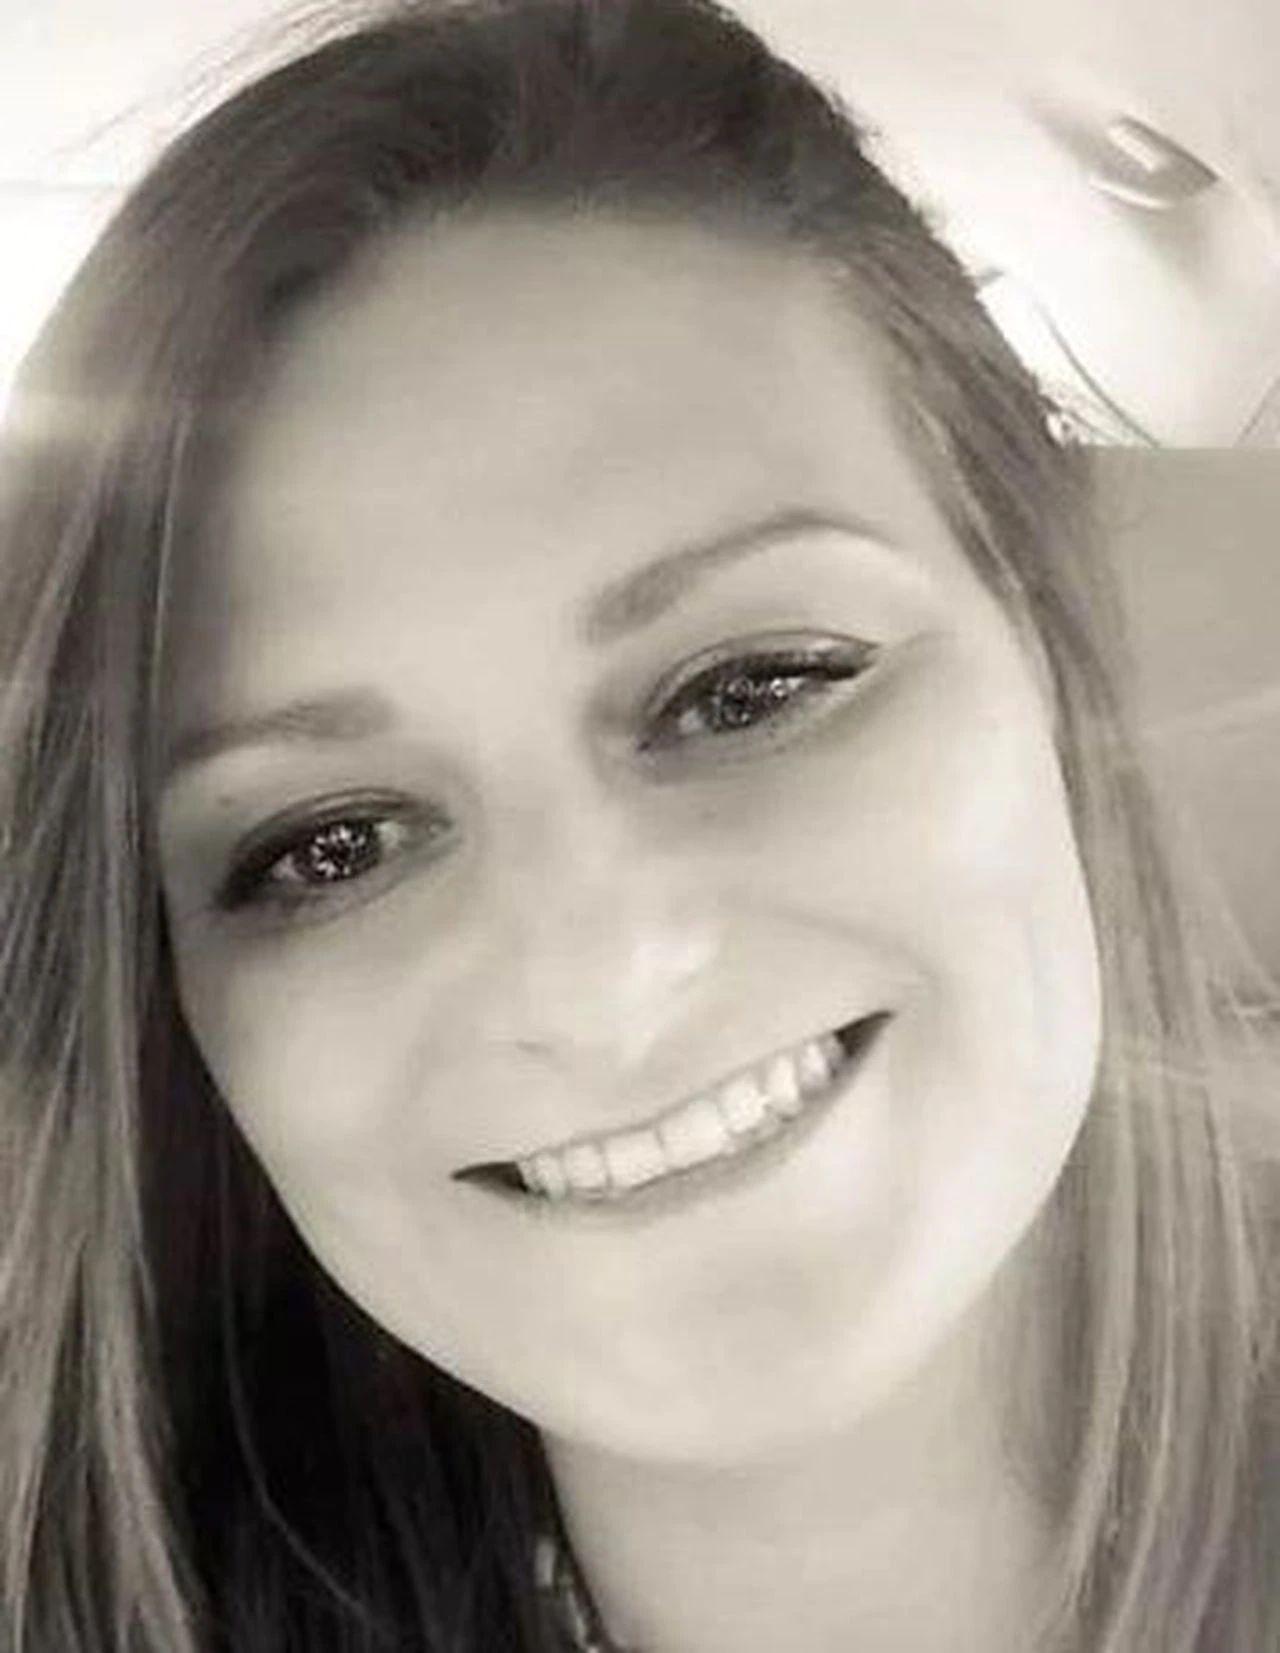 Una mujer de Alabama dice que mató a su violador en defensa propia. Ella podría pasar la vida en prisión